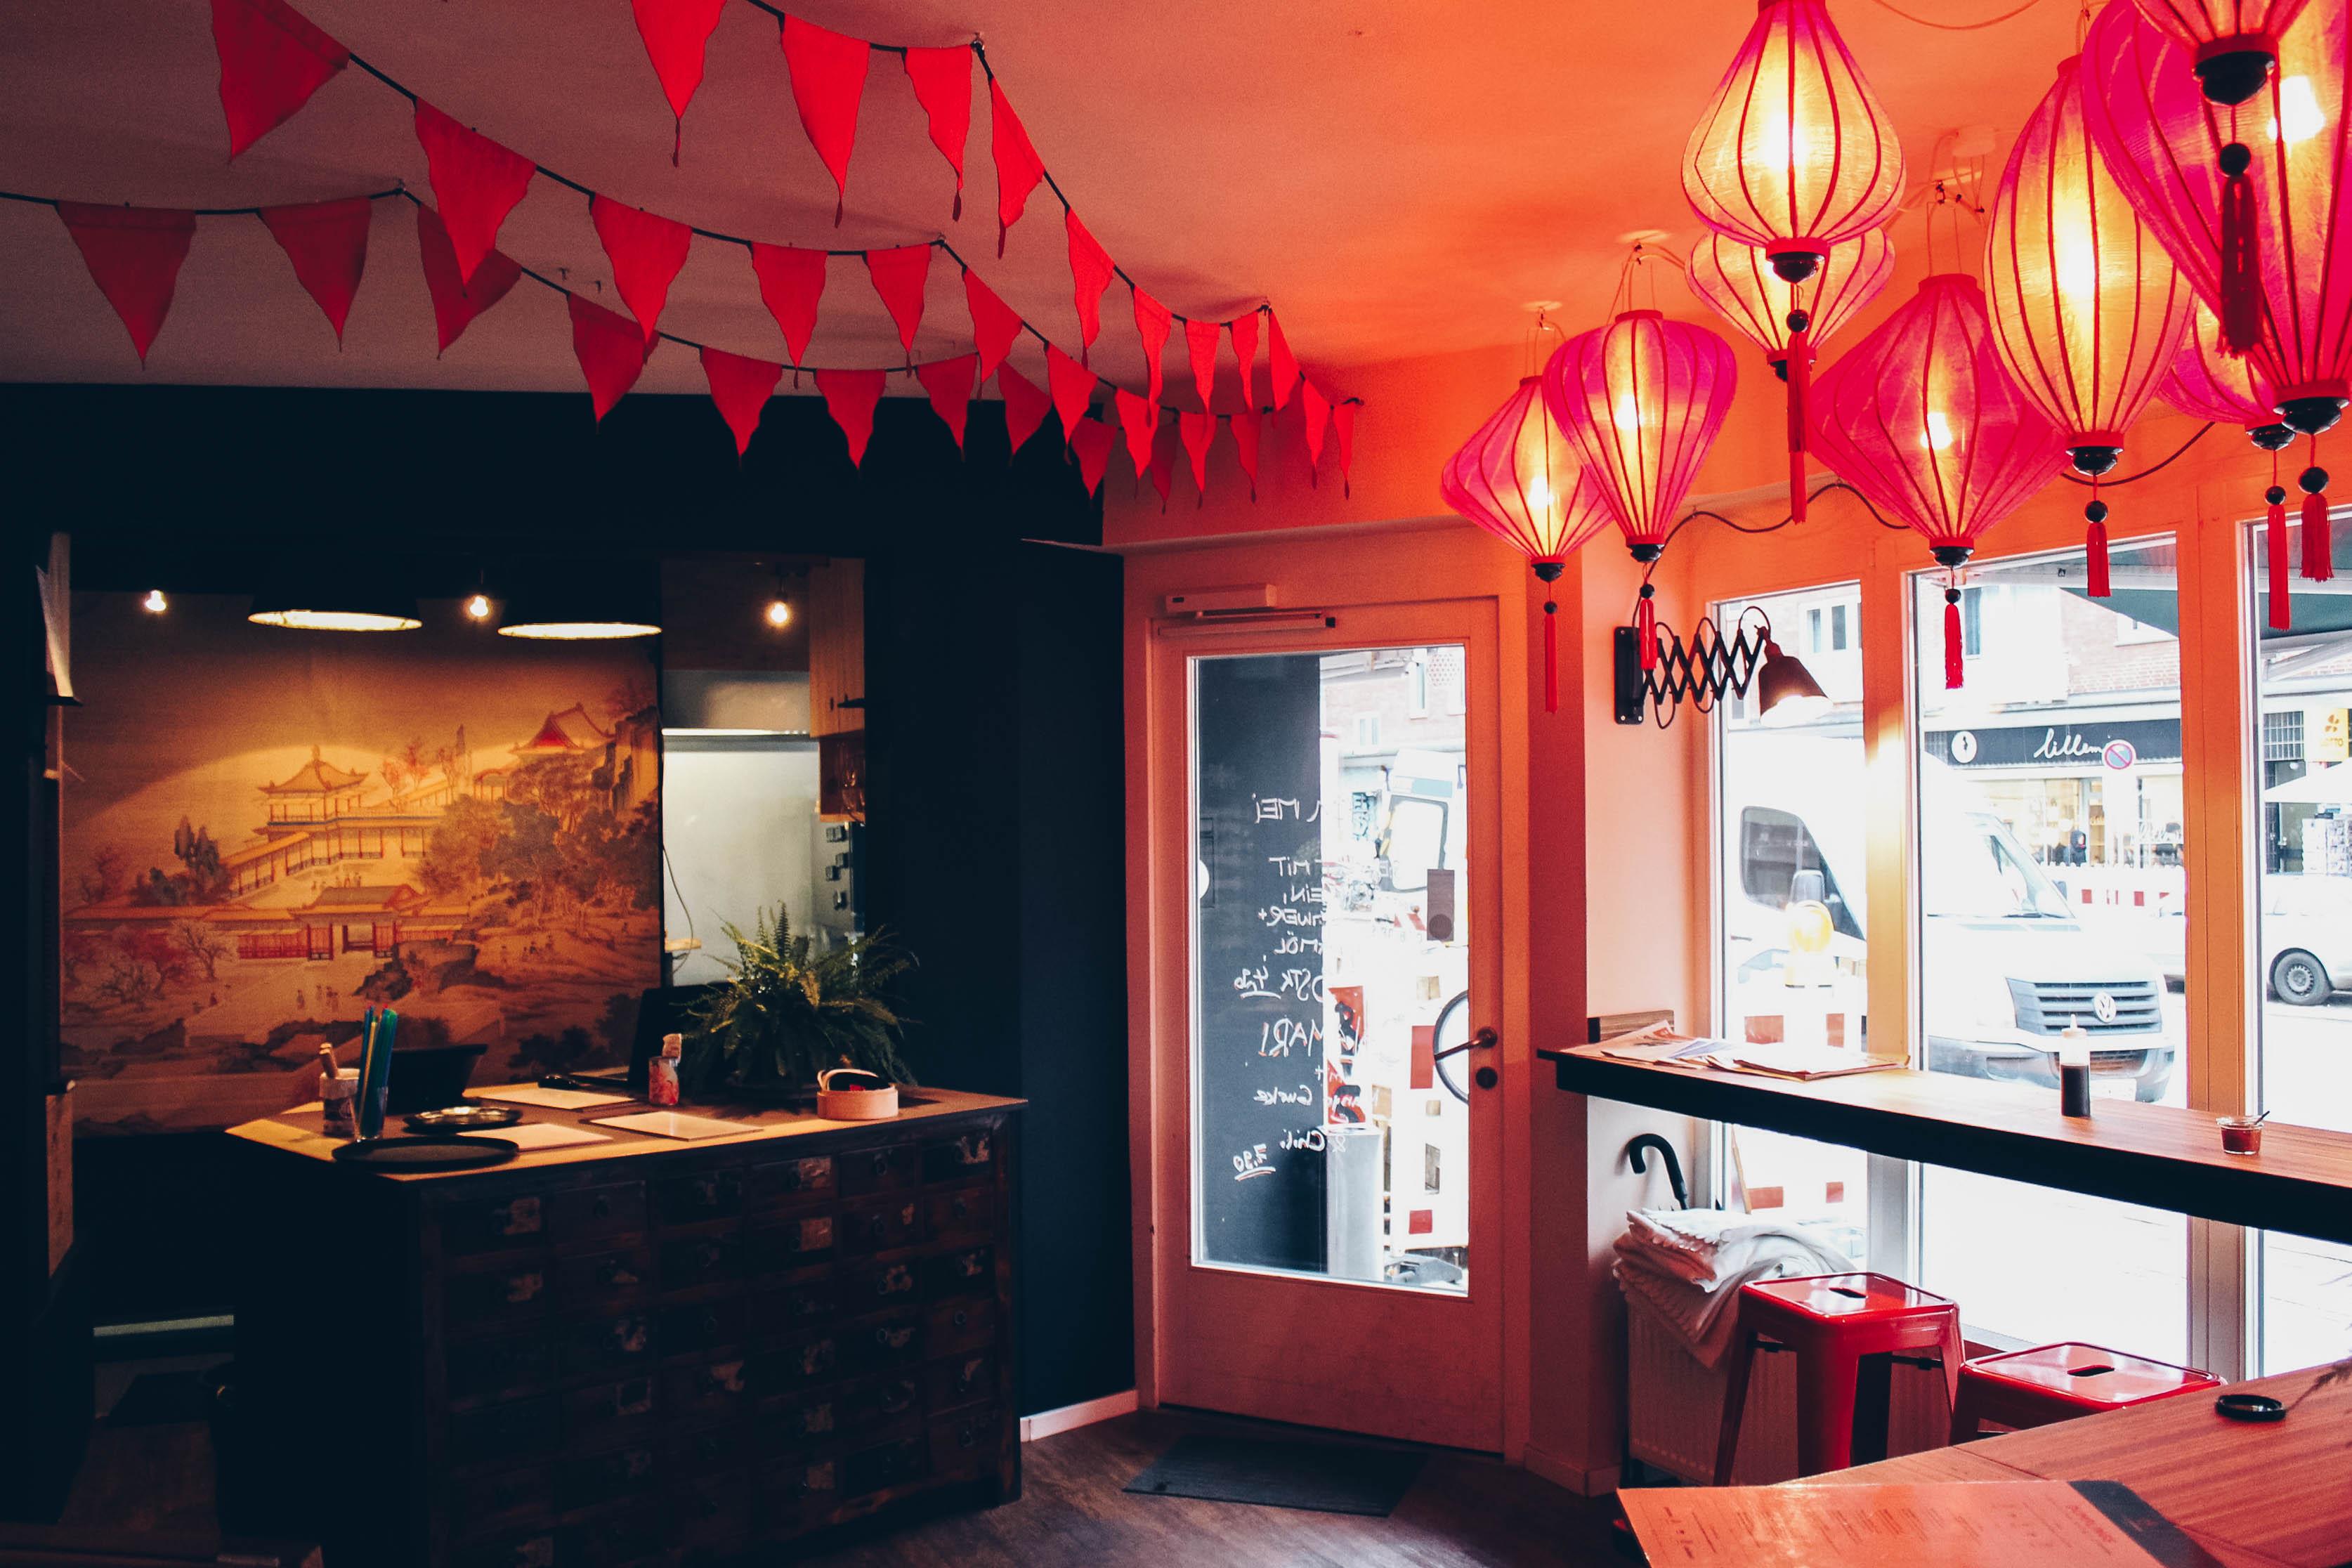 k stliche dumplings verspeisen bei somedimsum mit vergn gen hamburg. Black Bedroom Furniture Sets. Home Design Ideas